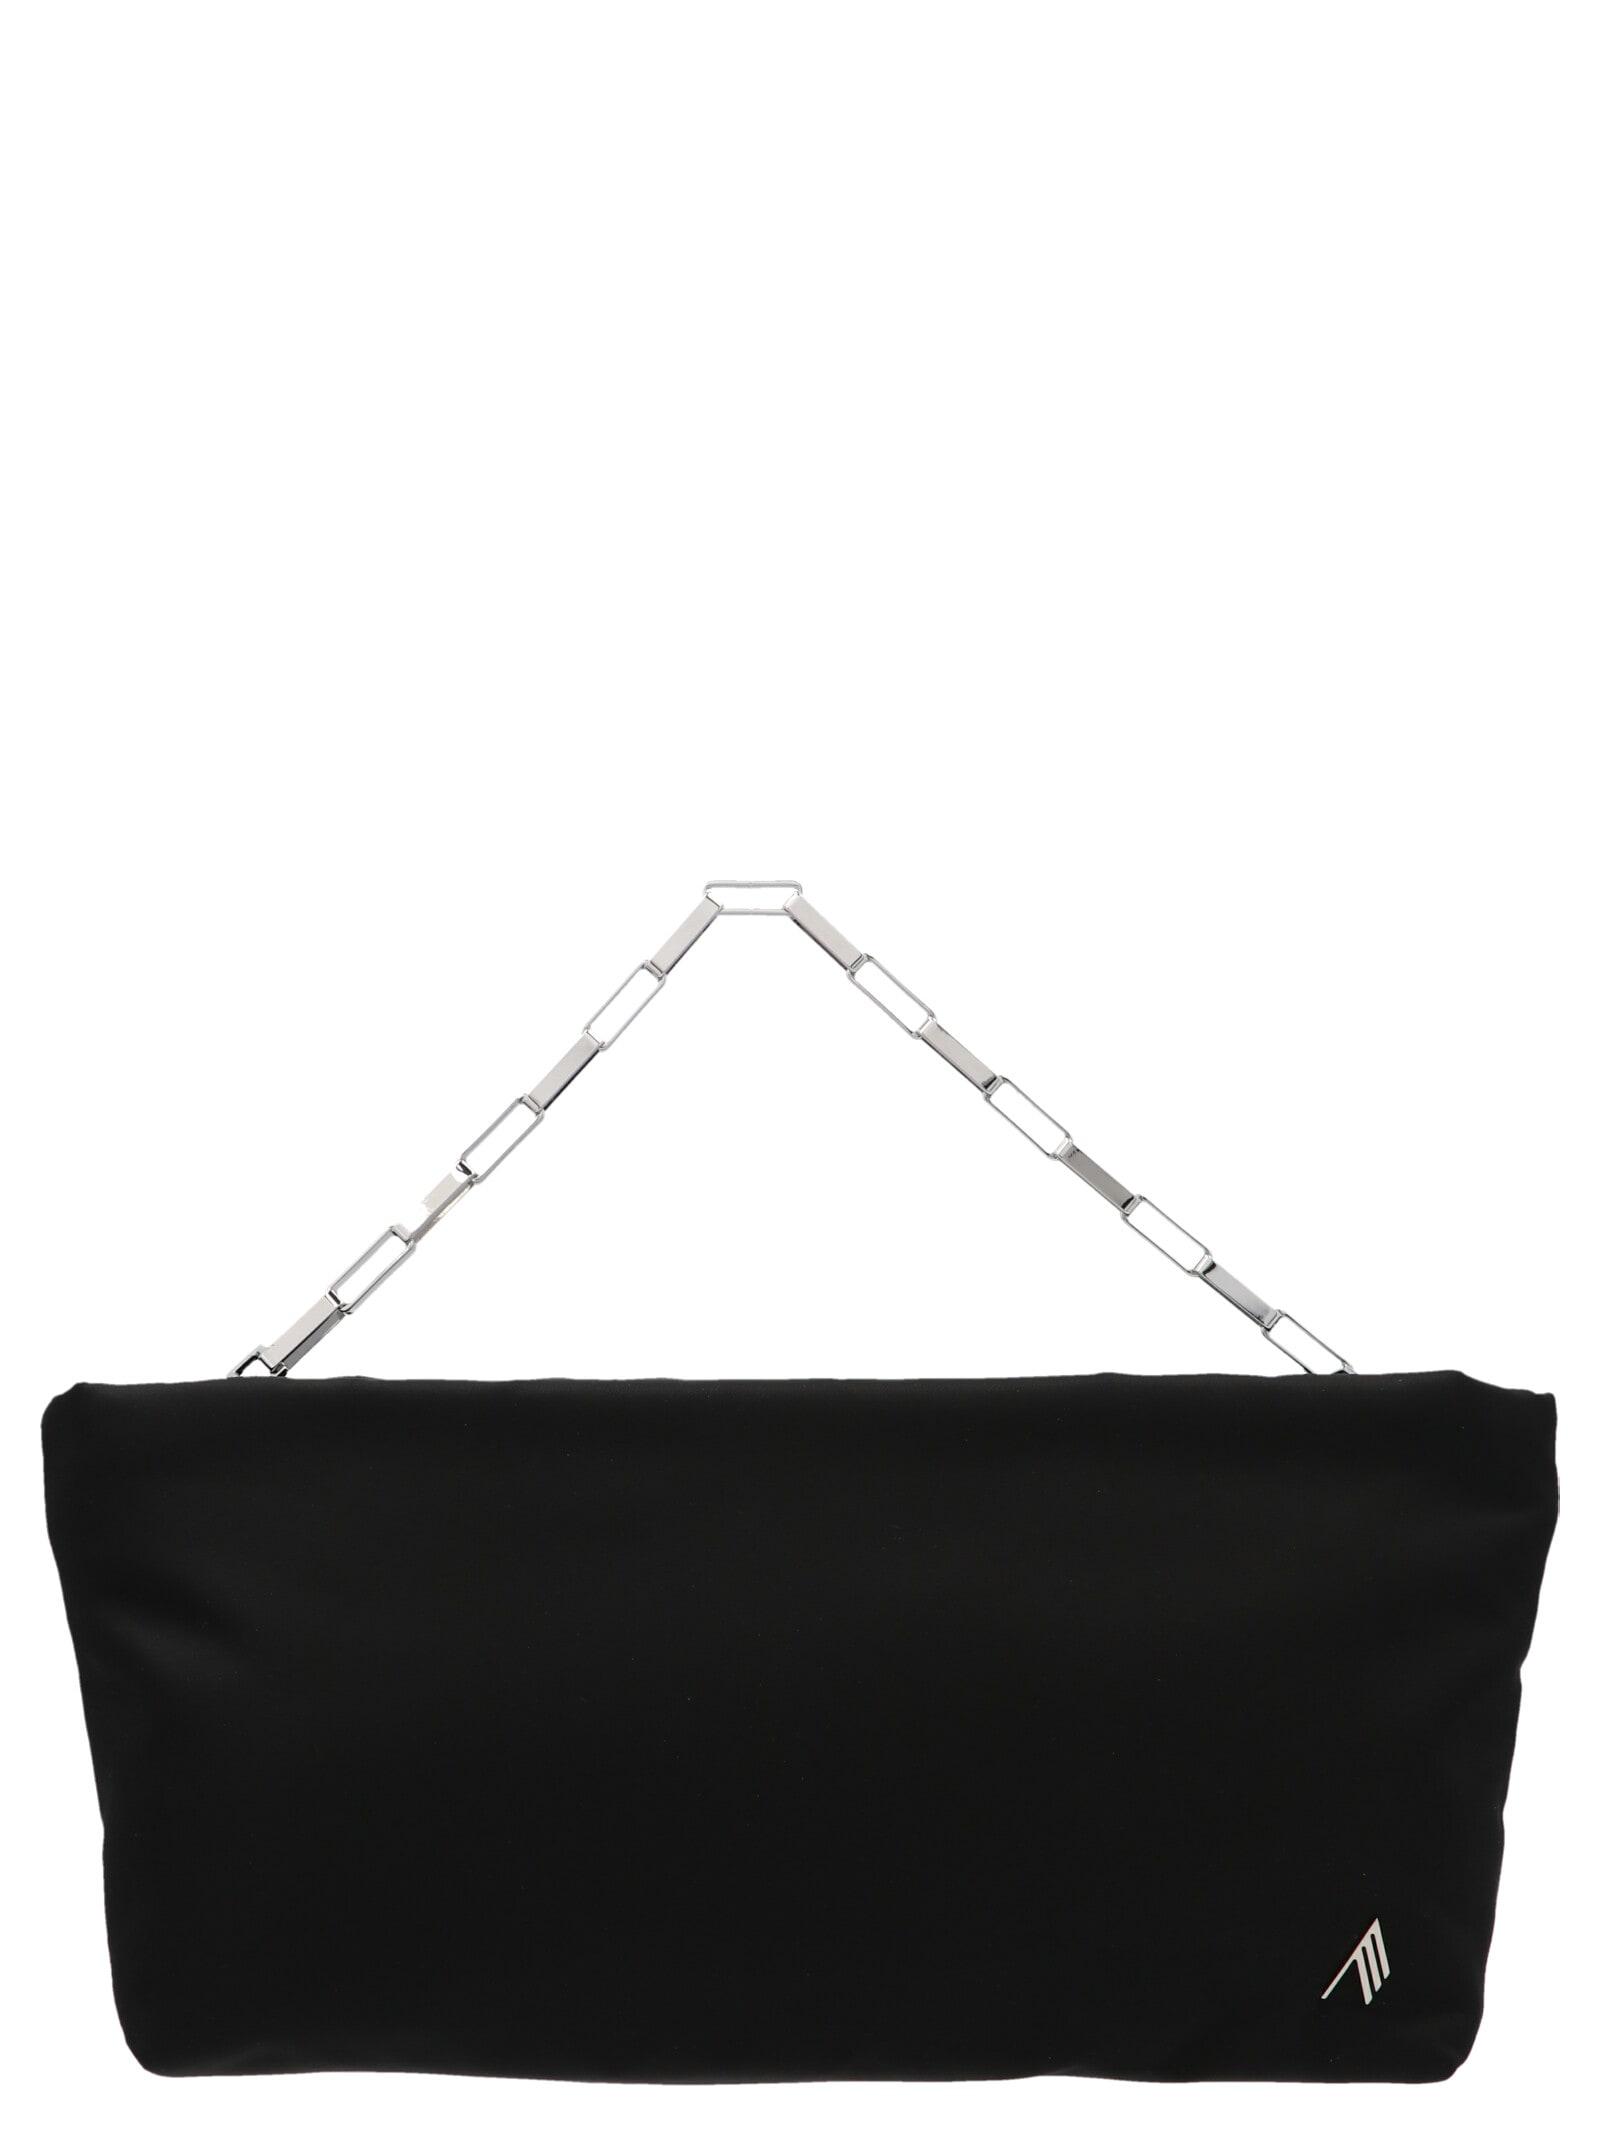 Attico Bags WYNONA BAG